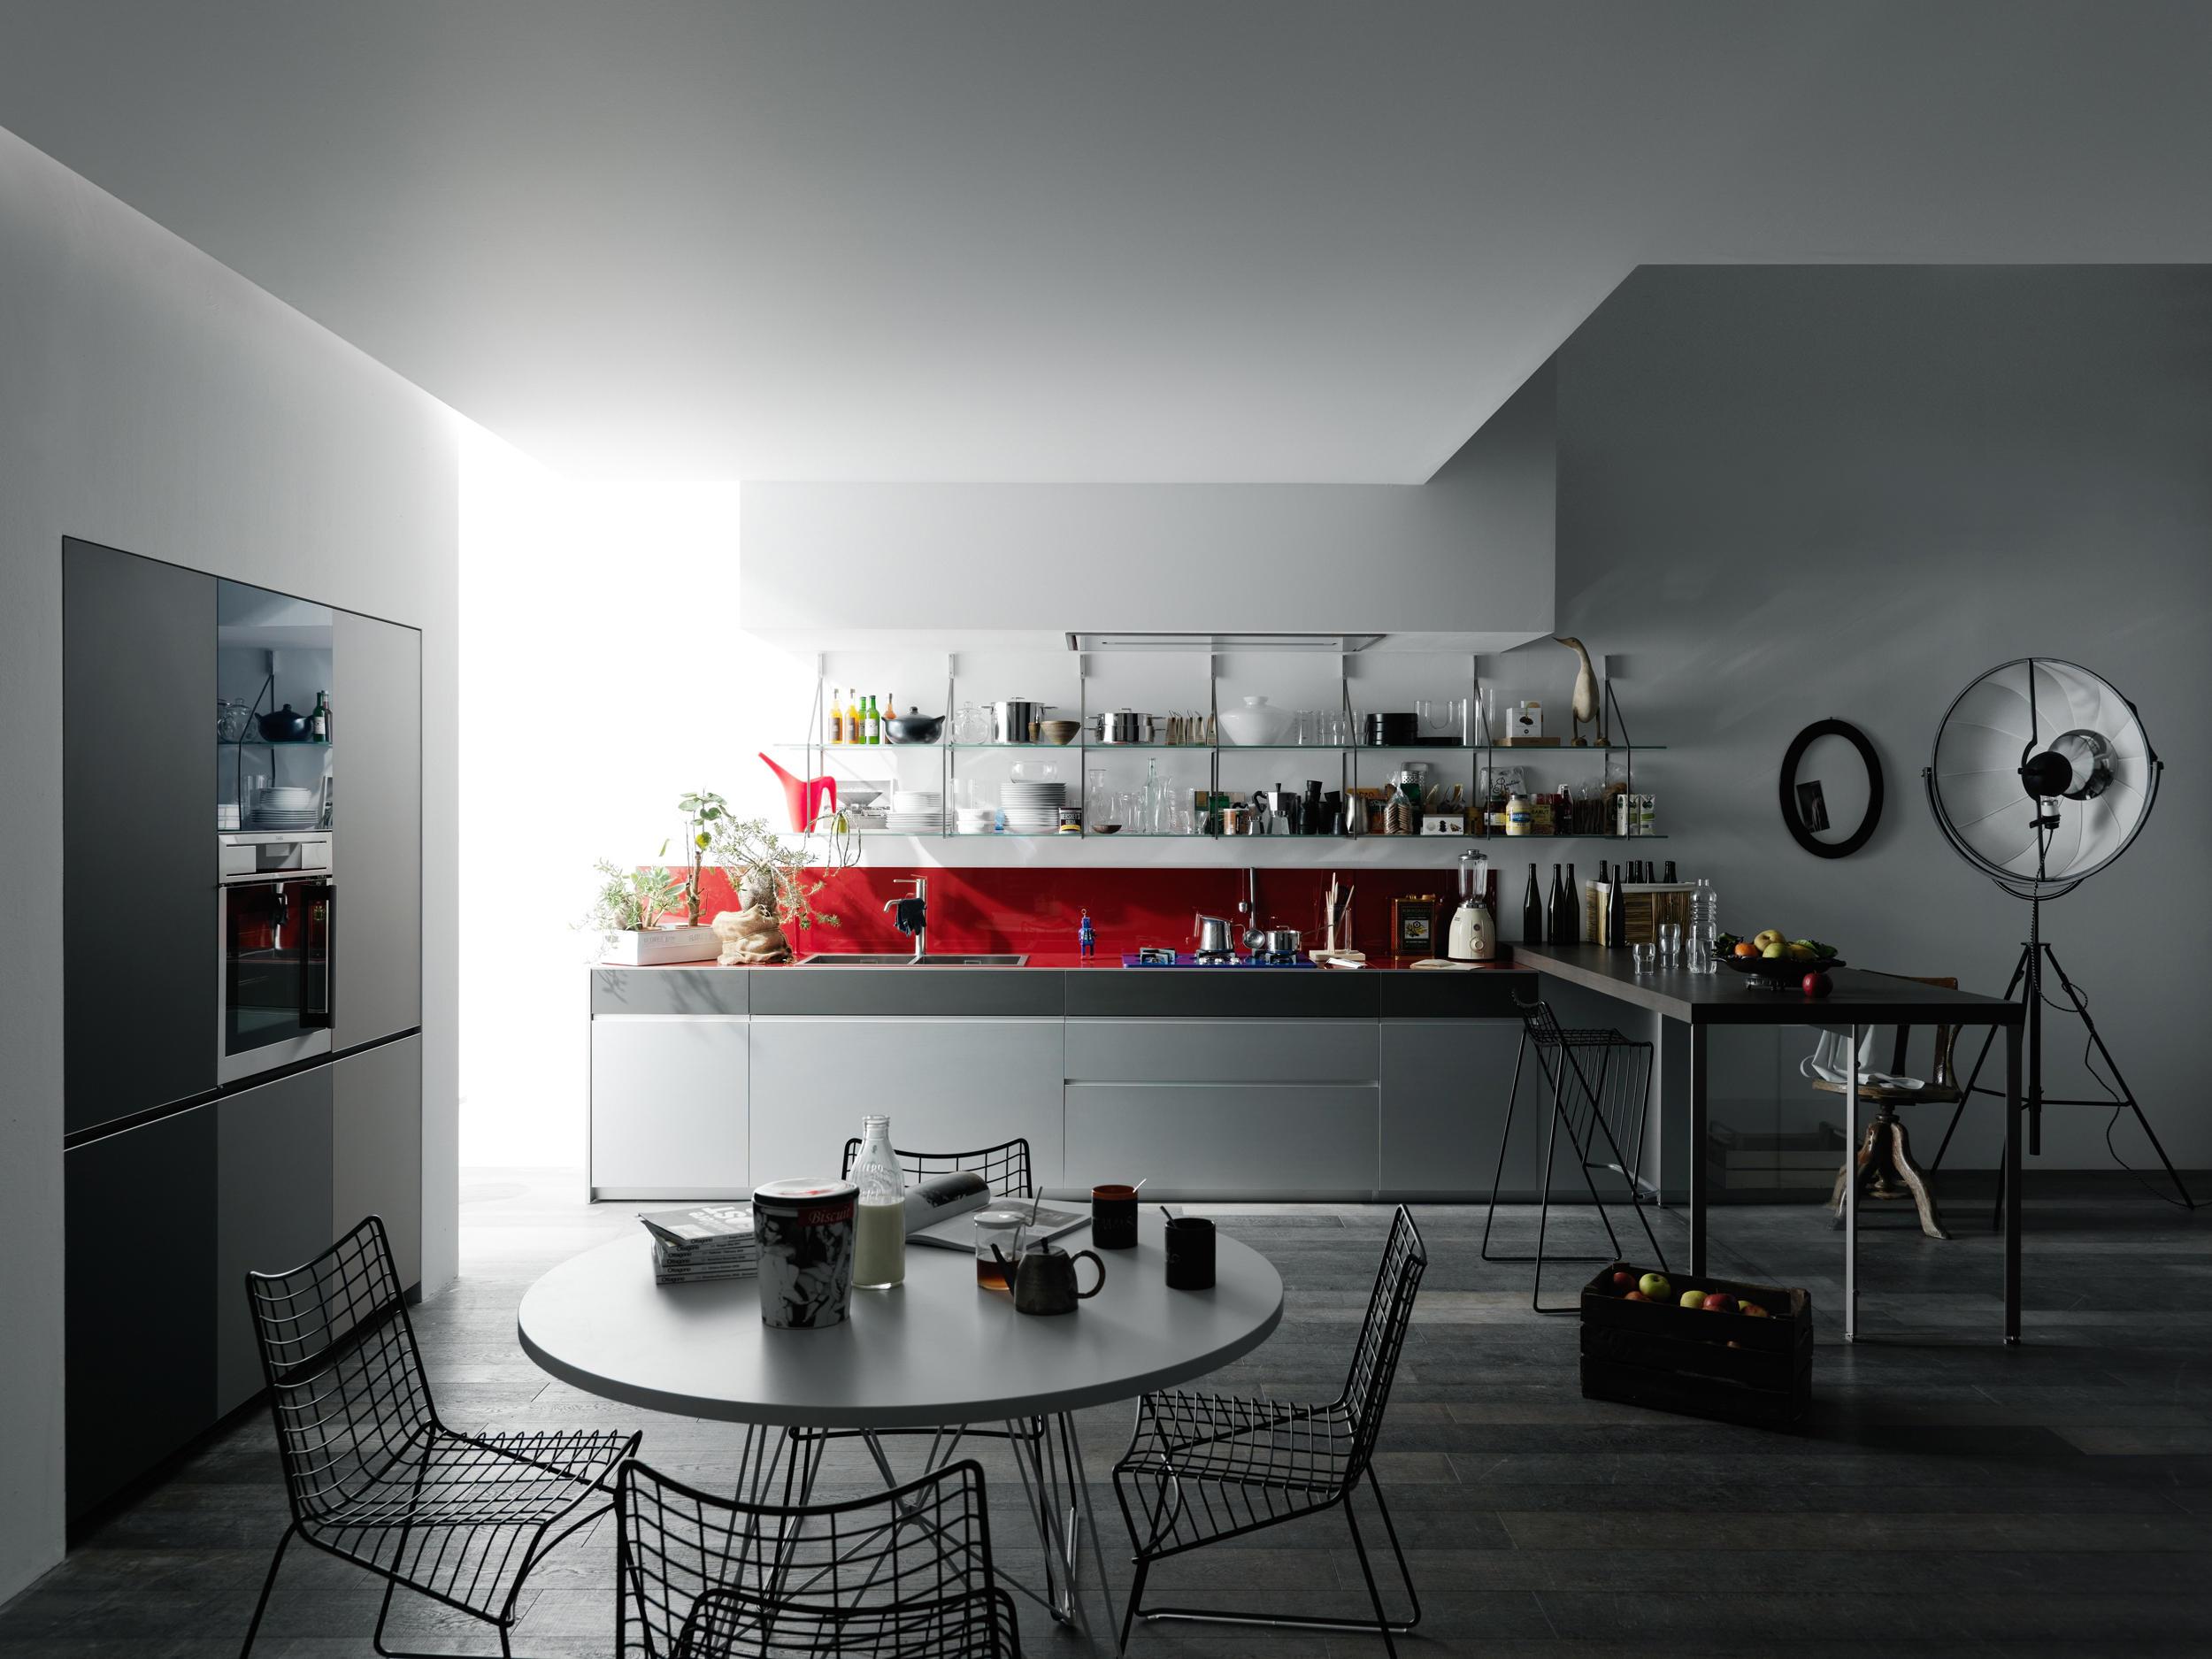 Latest integra di demode cucine a parete with cucine demode - Cucine valcucine opinioni ...